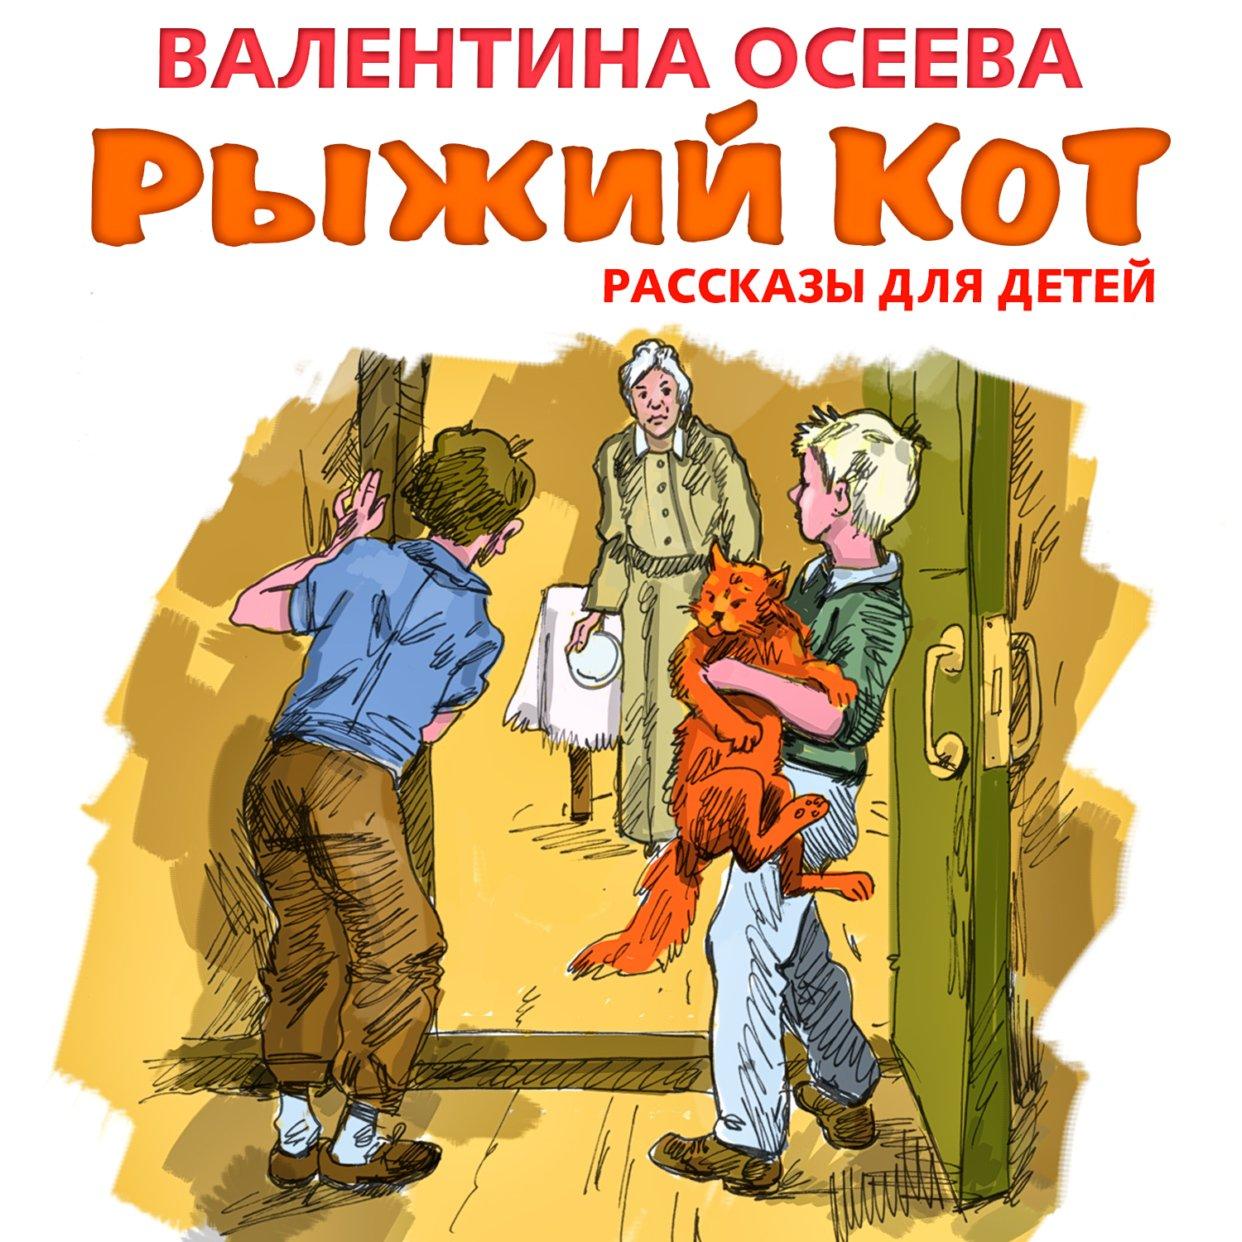 Рыжий кот. Рассказы для детей